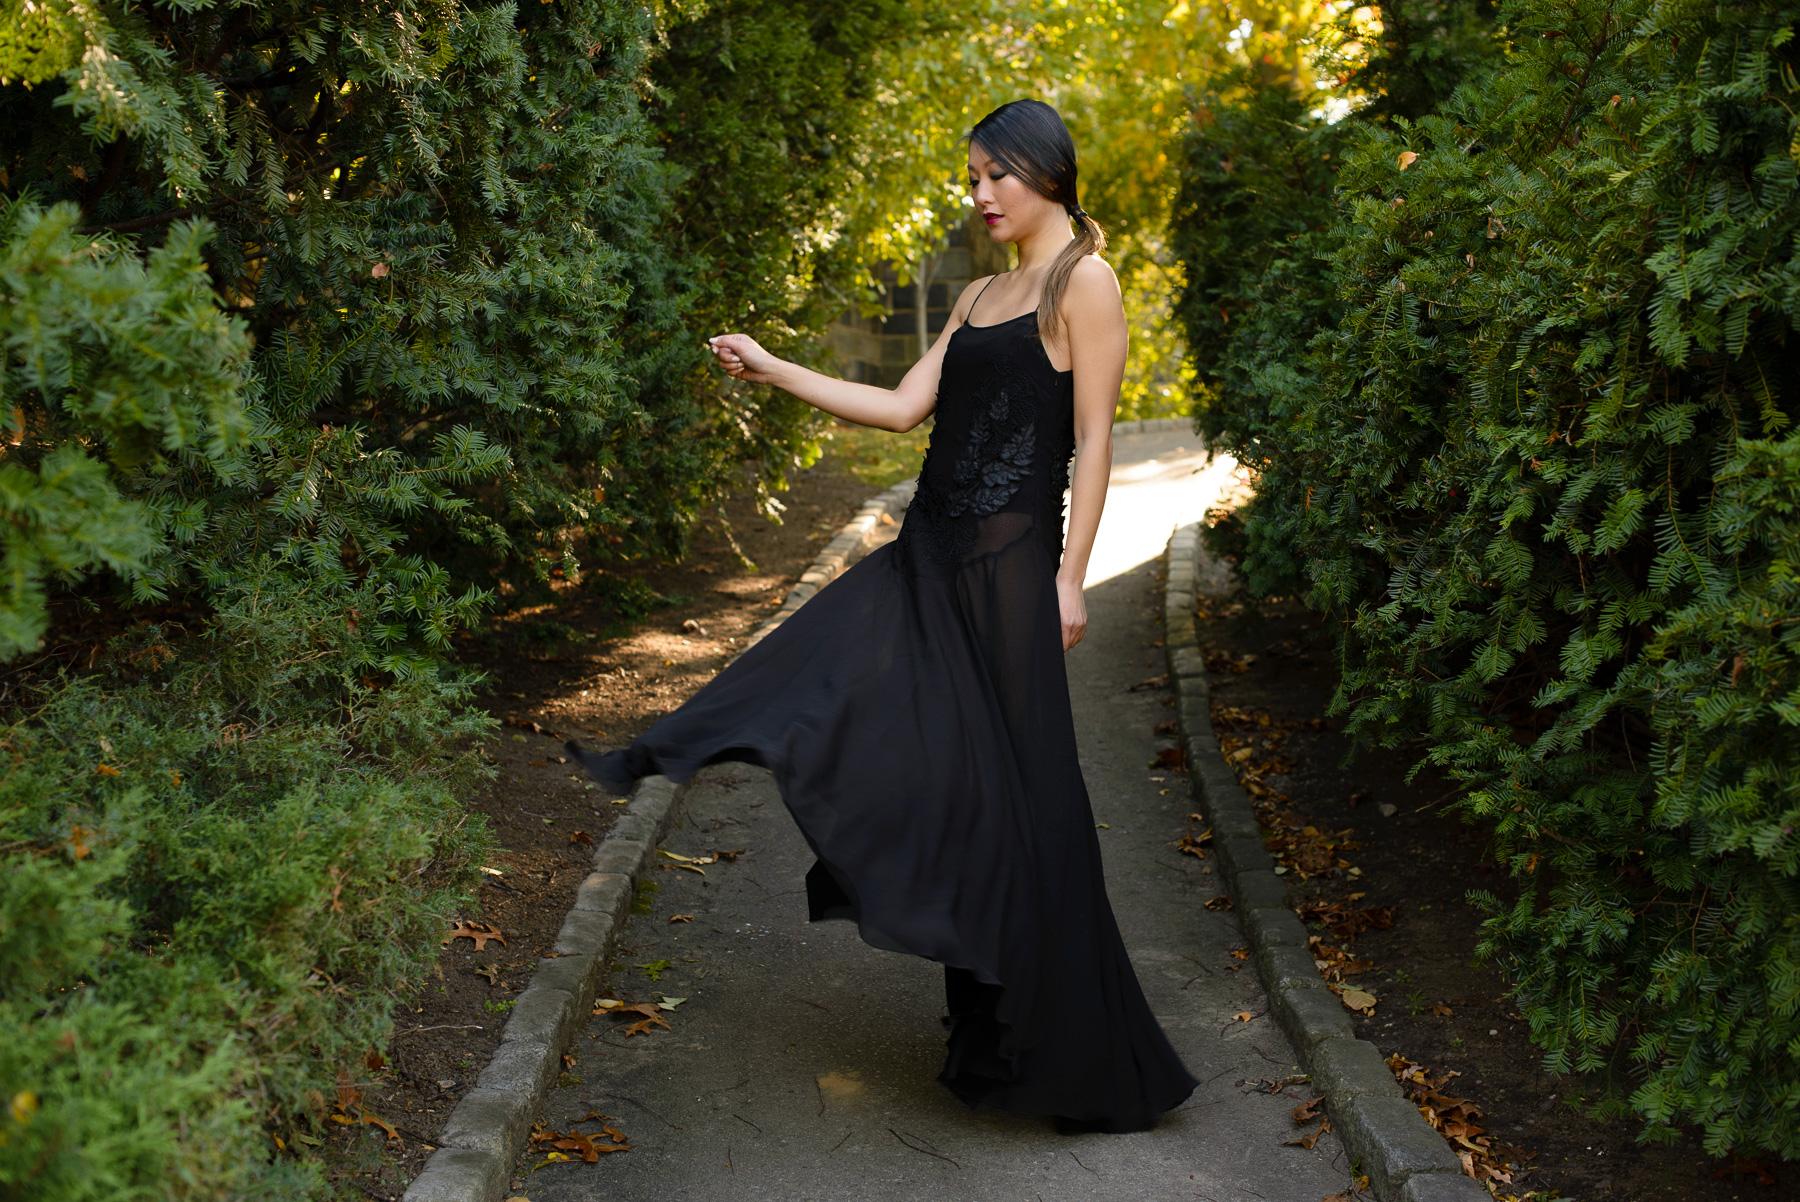 blackdress_embroidered3.jpg